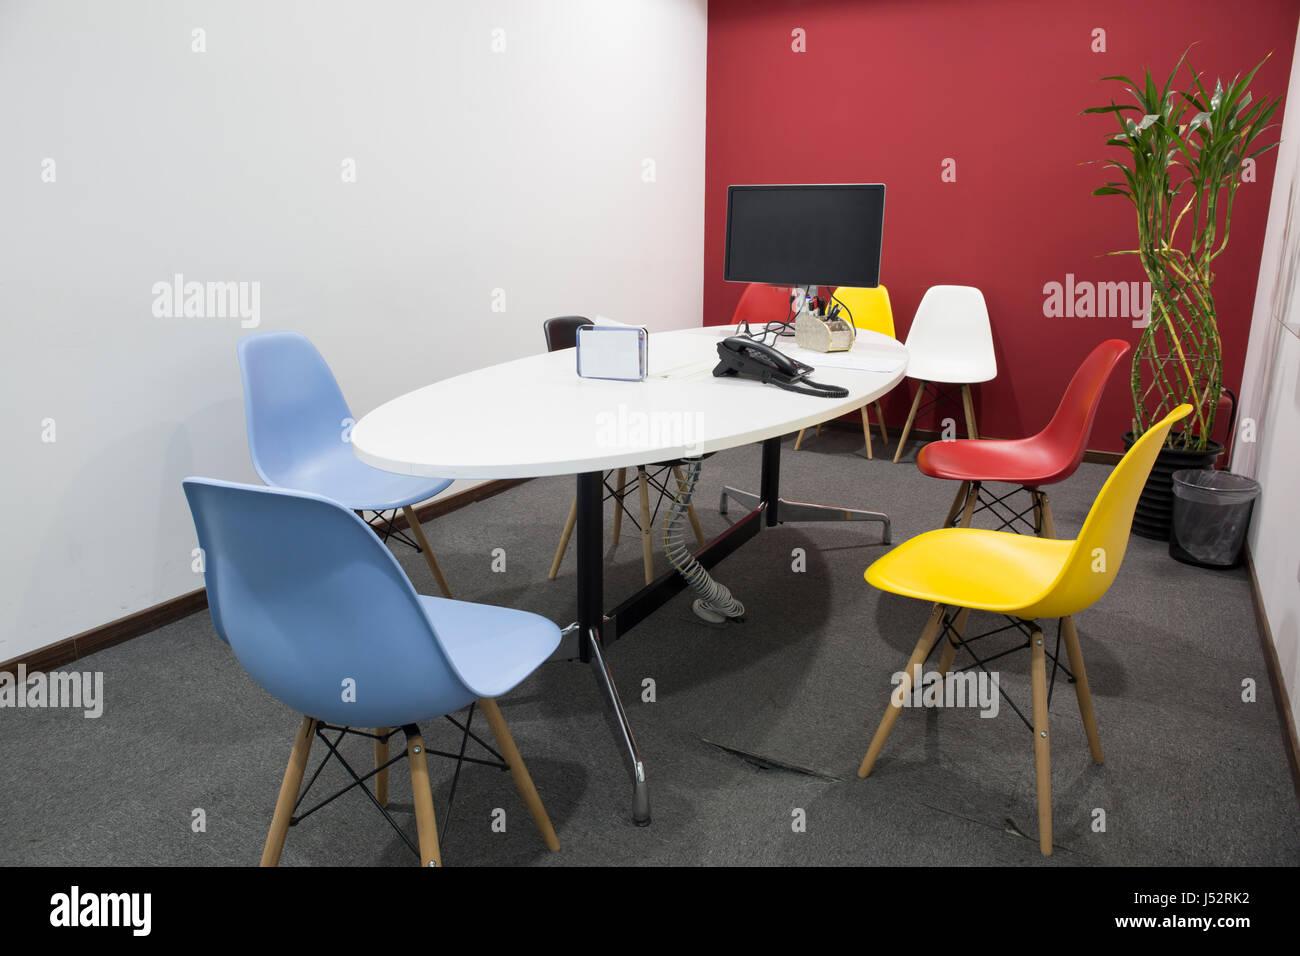 Ufficio vuoto sala riunioni con display a cristalli liquidi e